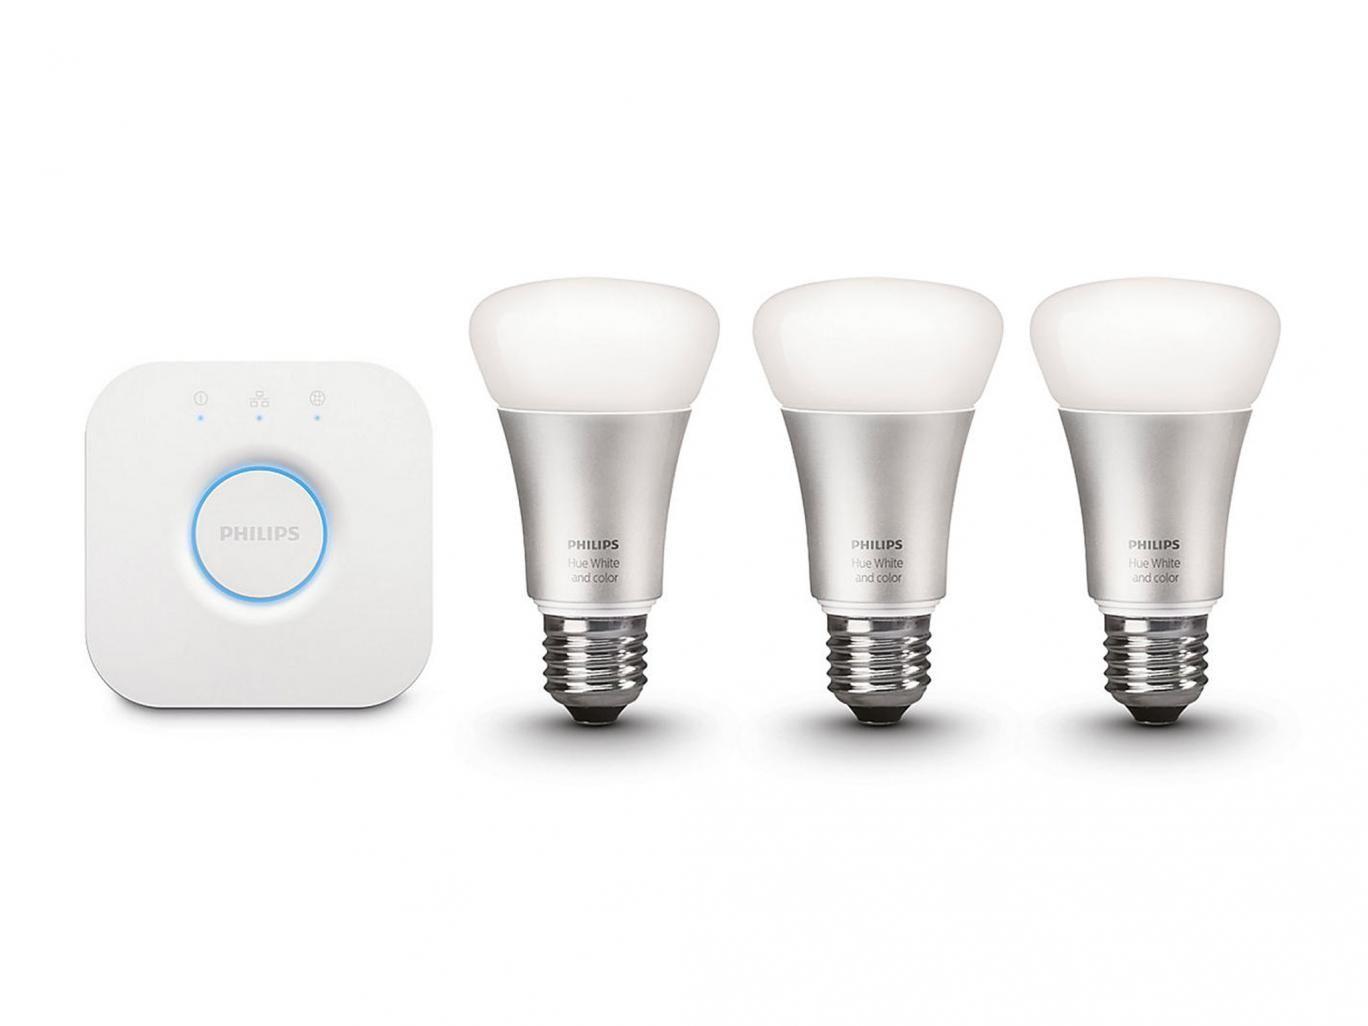 10 best smart home technology